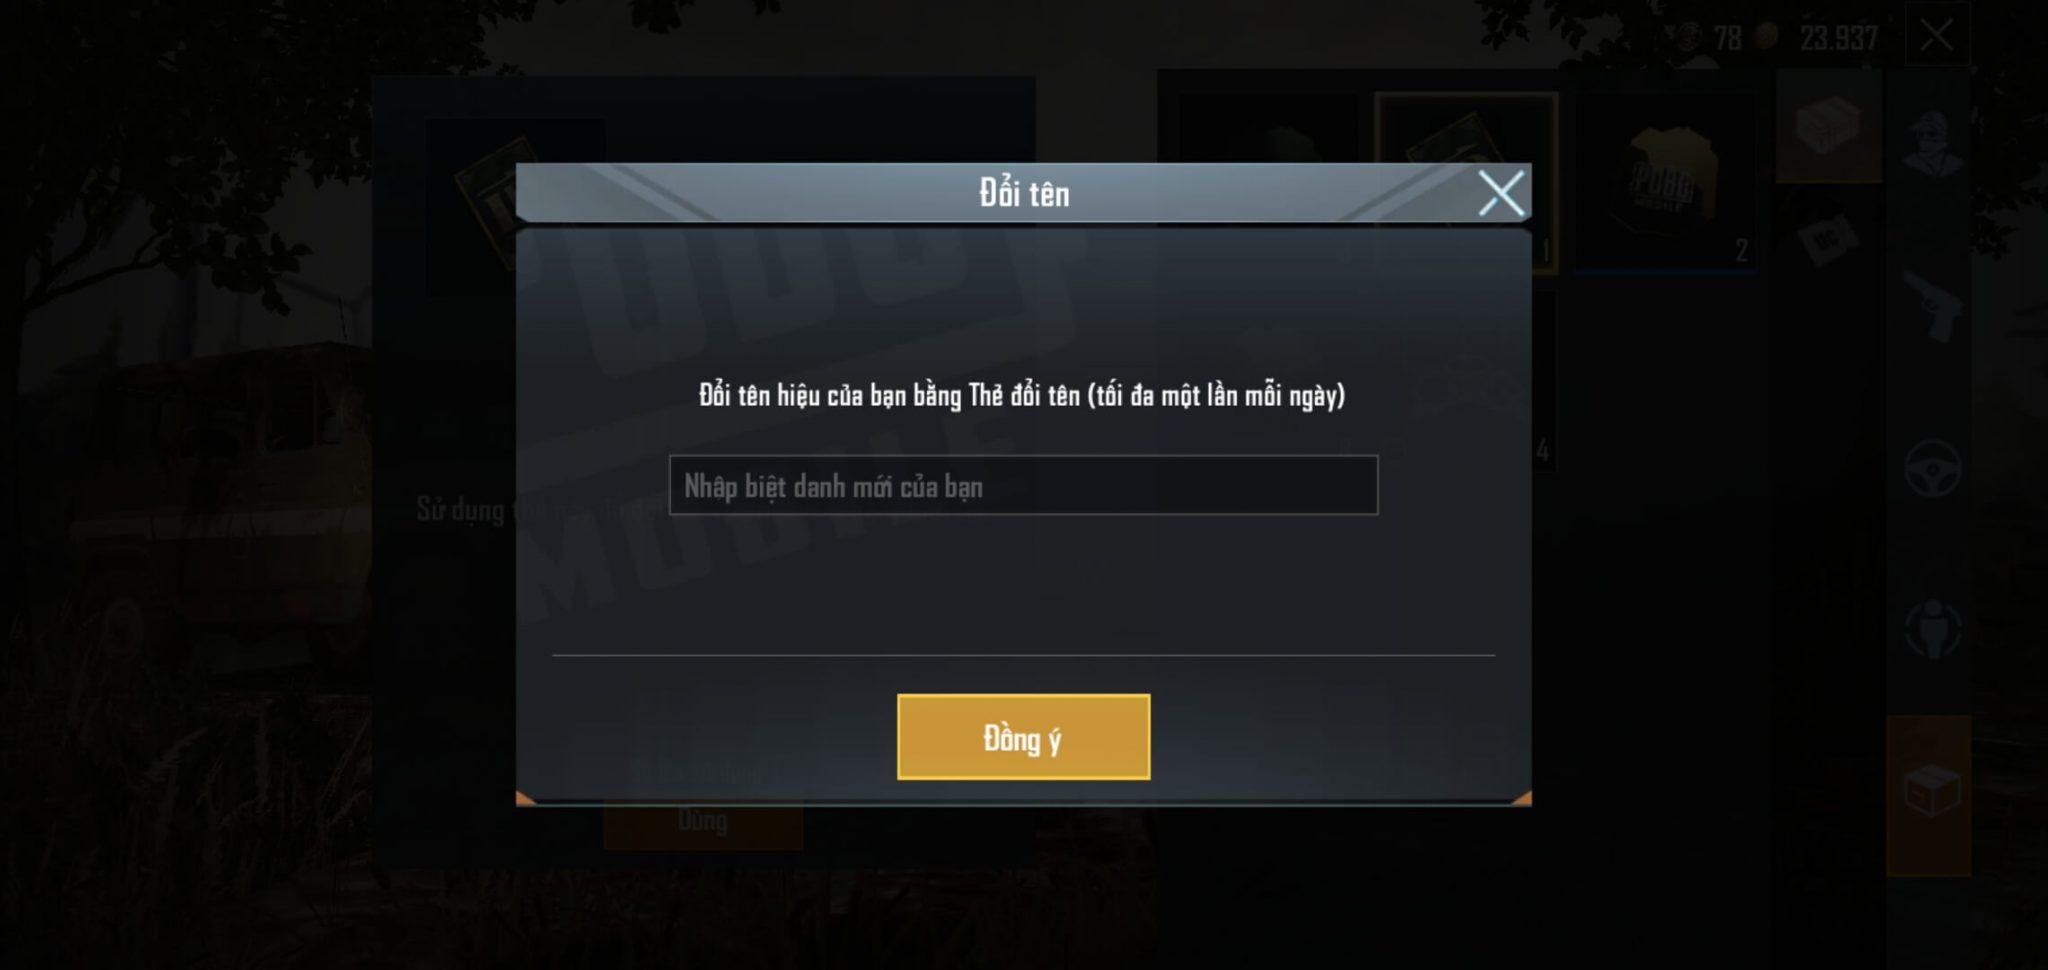 Hướng dẫn cách đổi tên nhân vật trong game Pubg Mobile